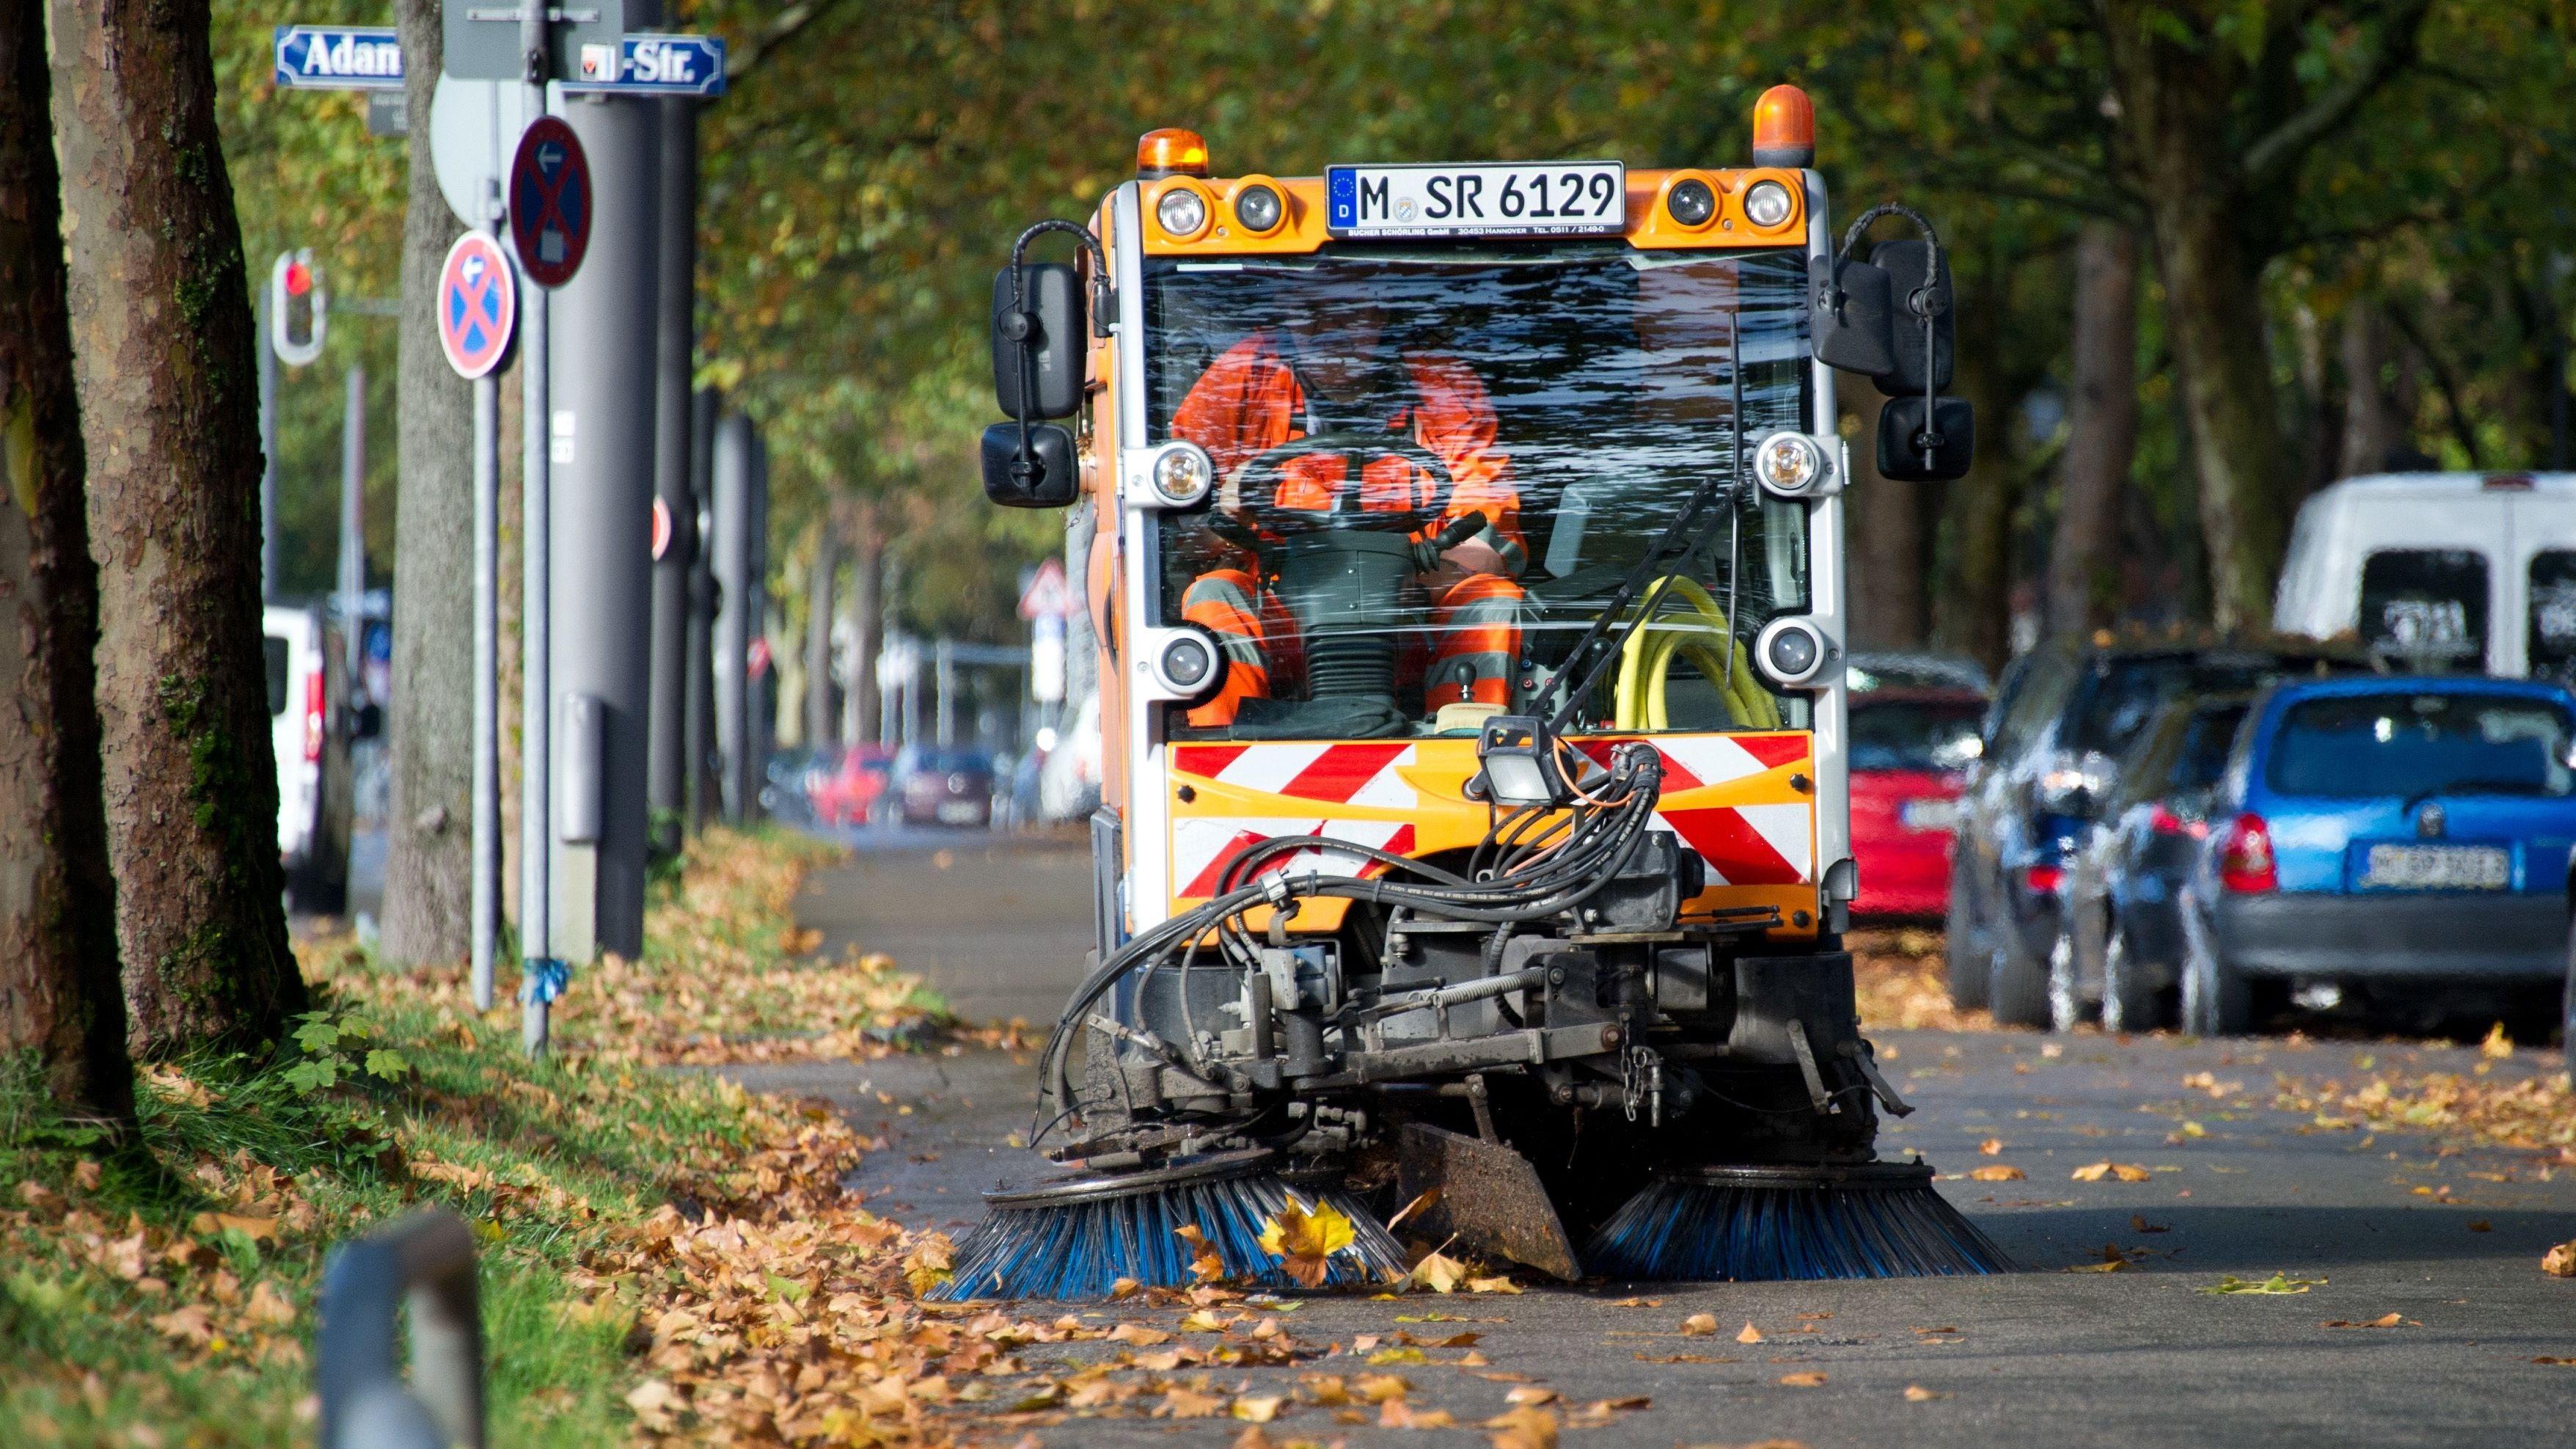 Ein Kehrfahrzeug der Münchner Straßenreinigung.